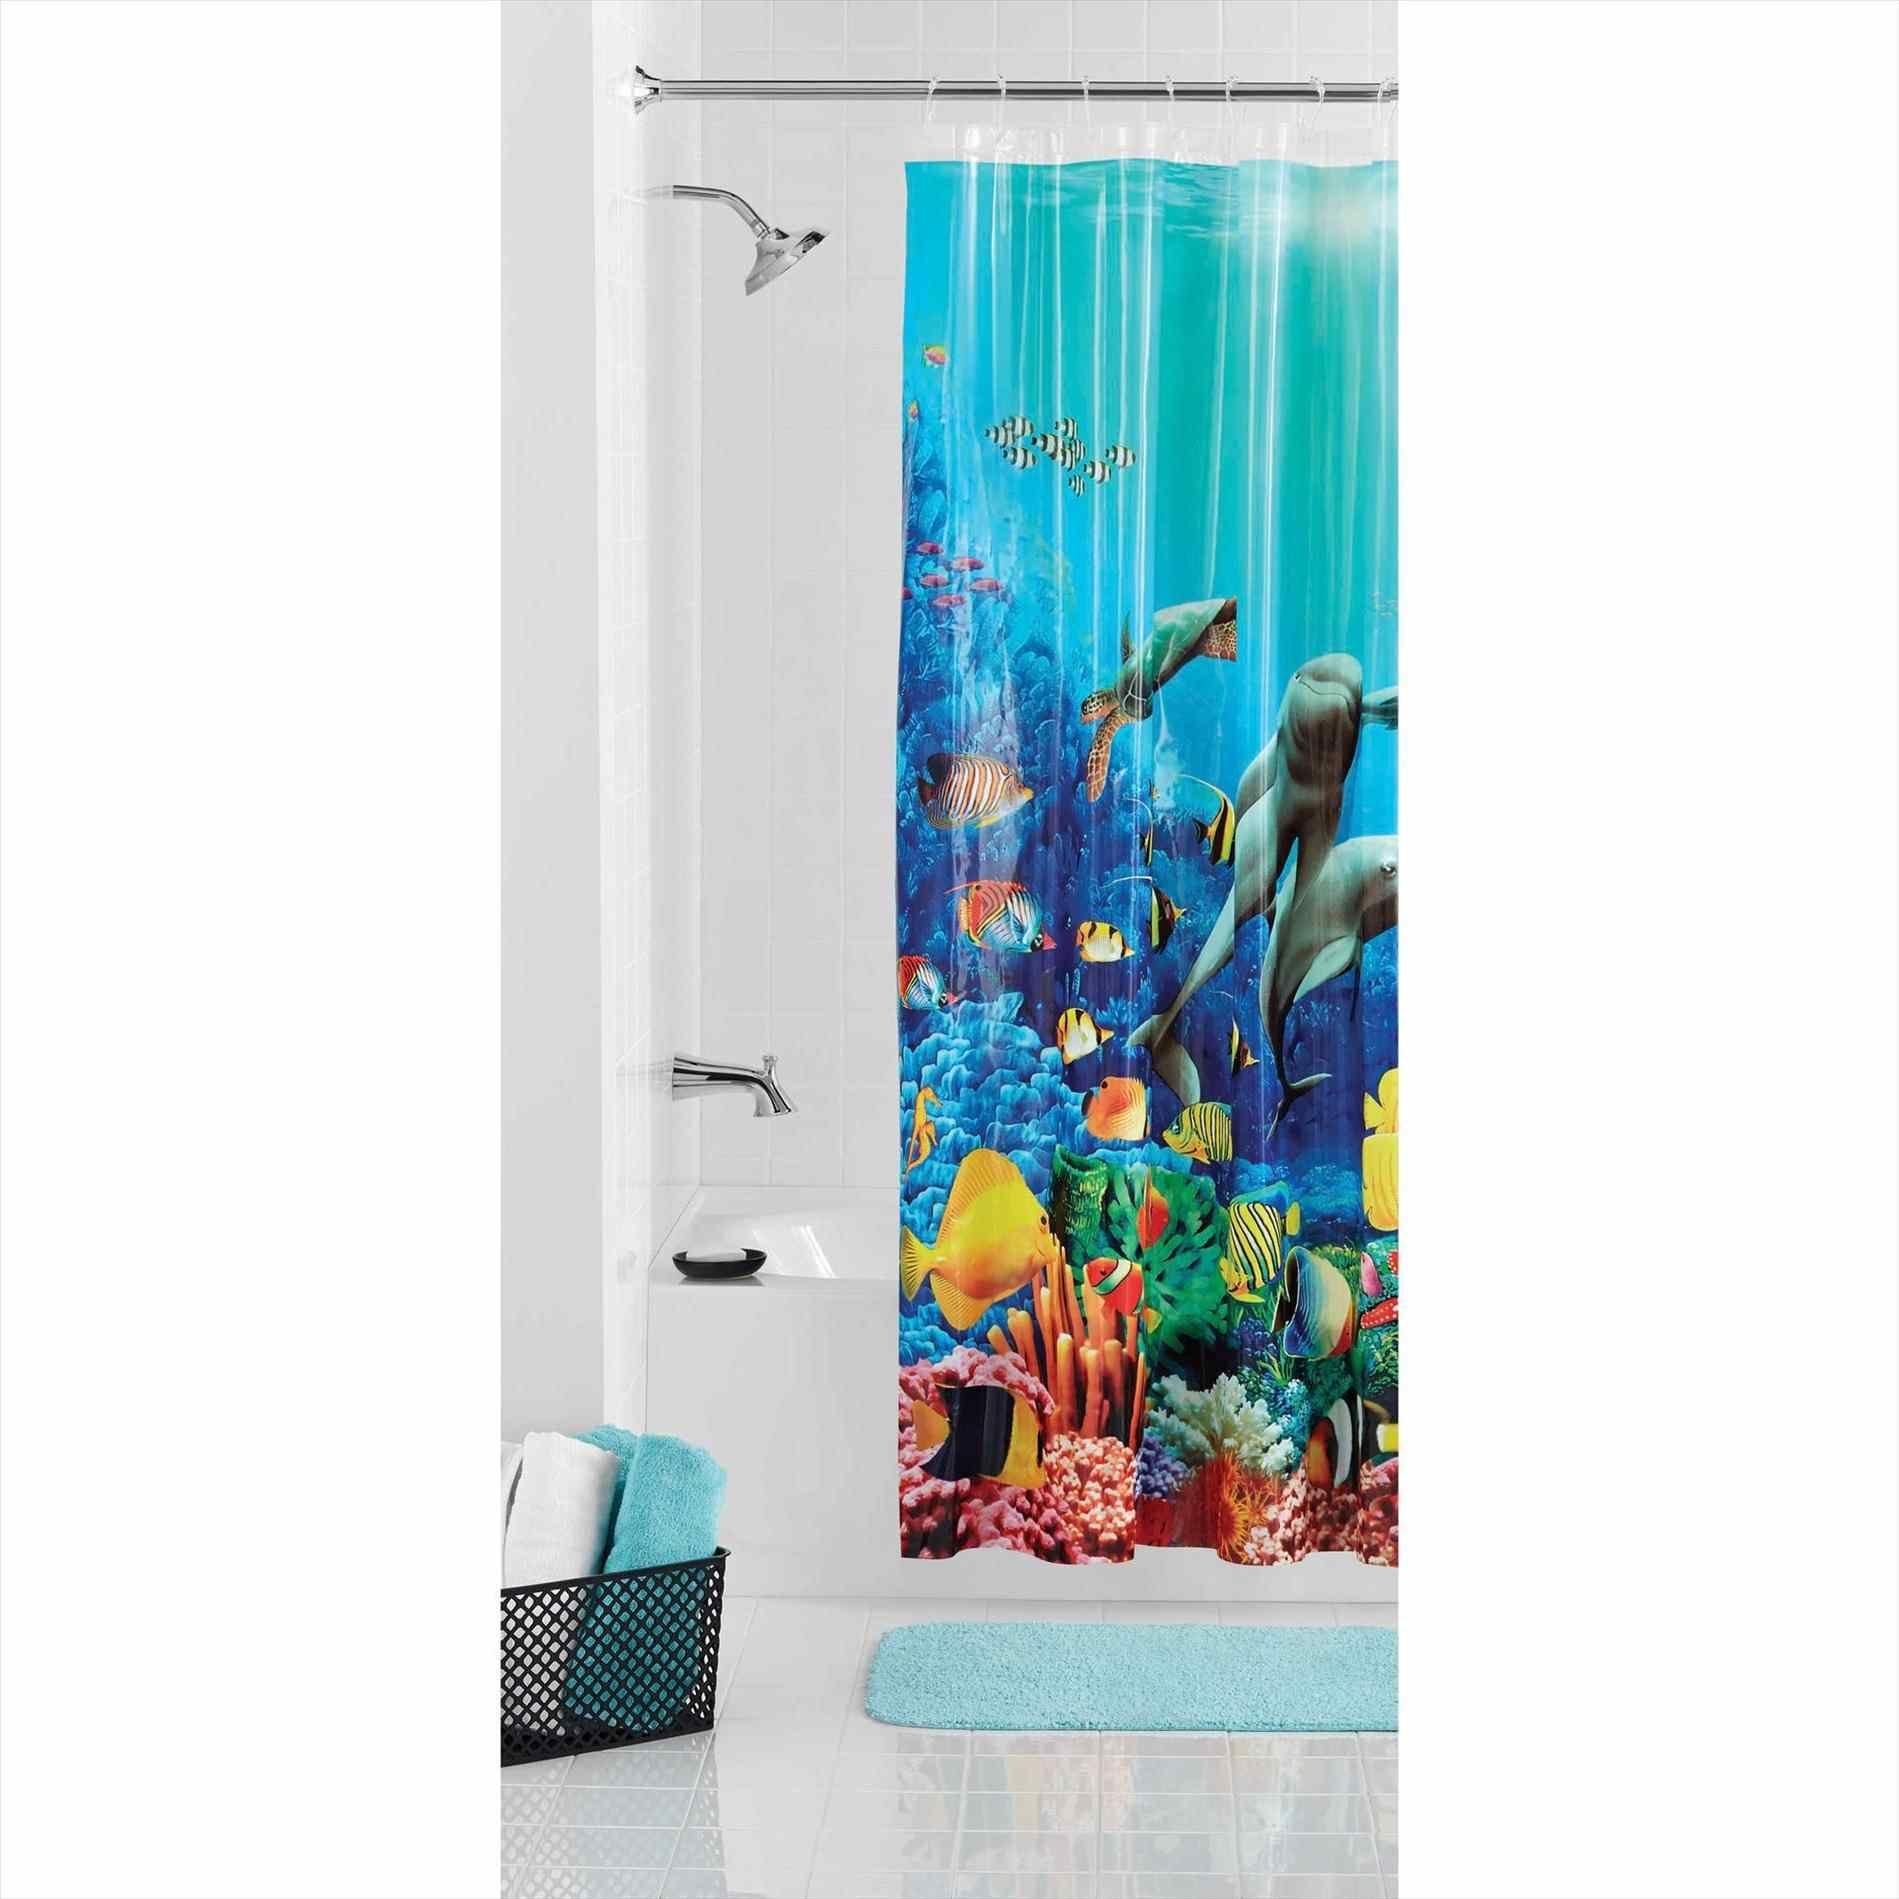 fresh walmart bathroom shower curtains ideas - home sweet